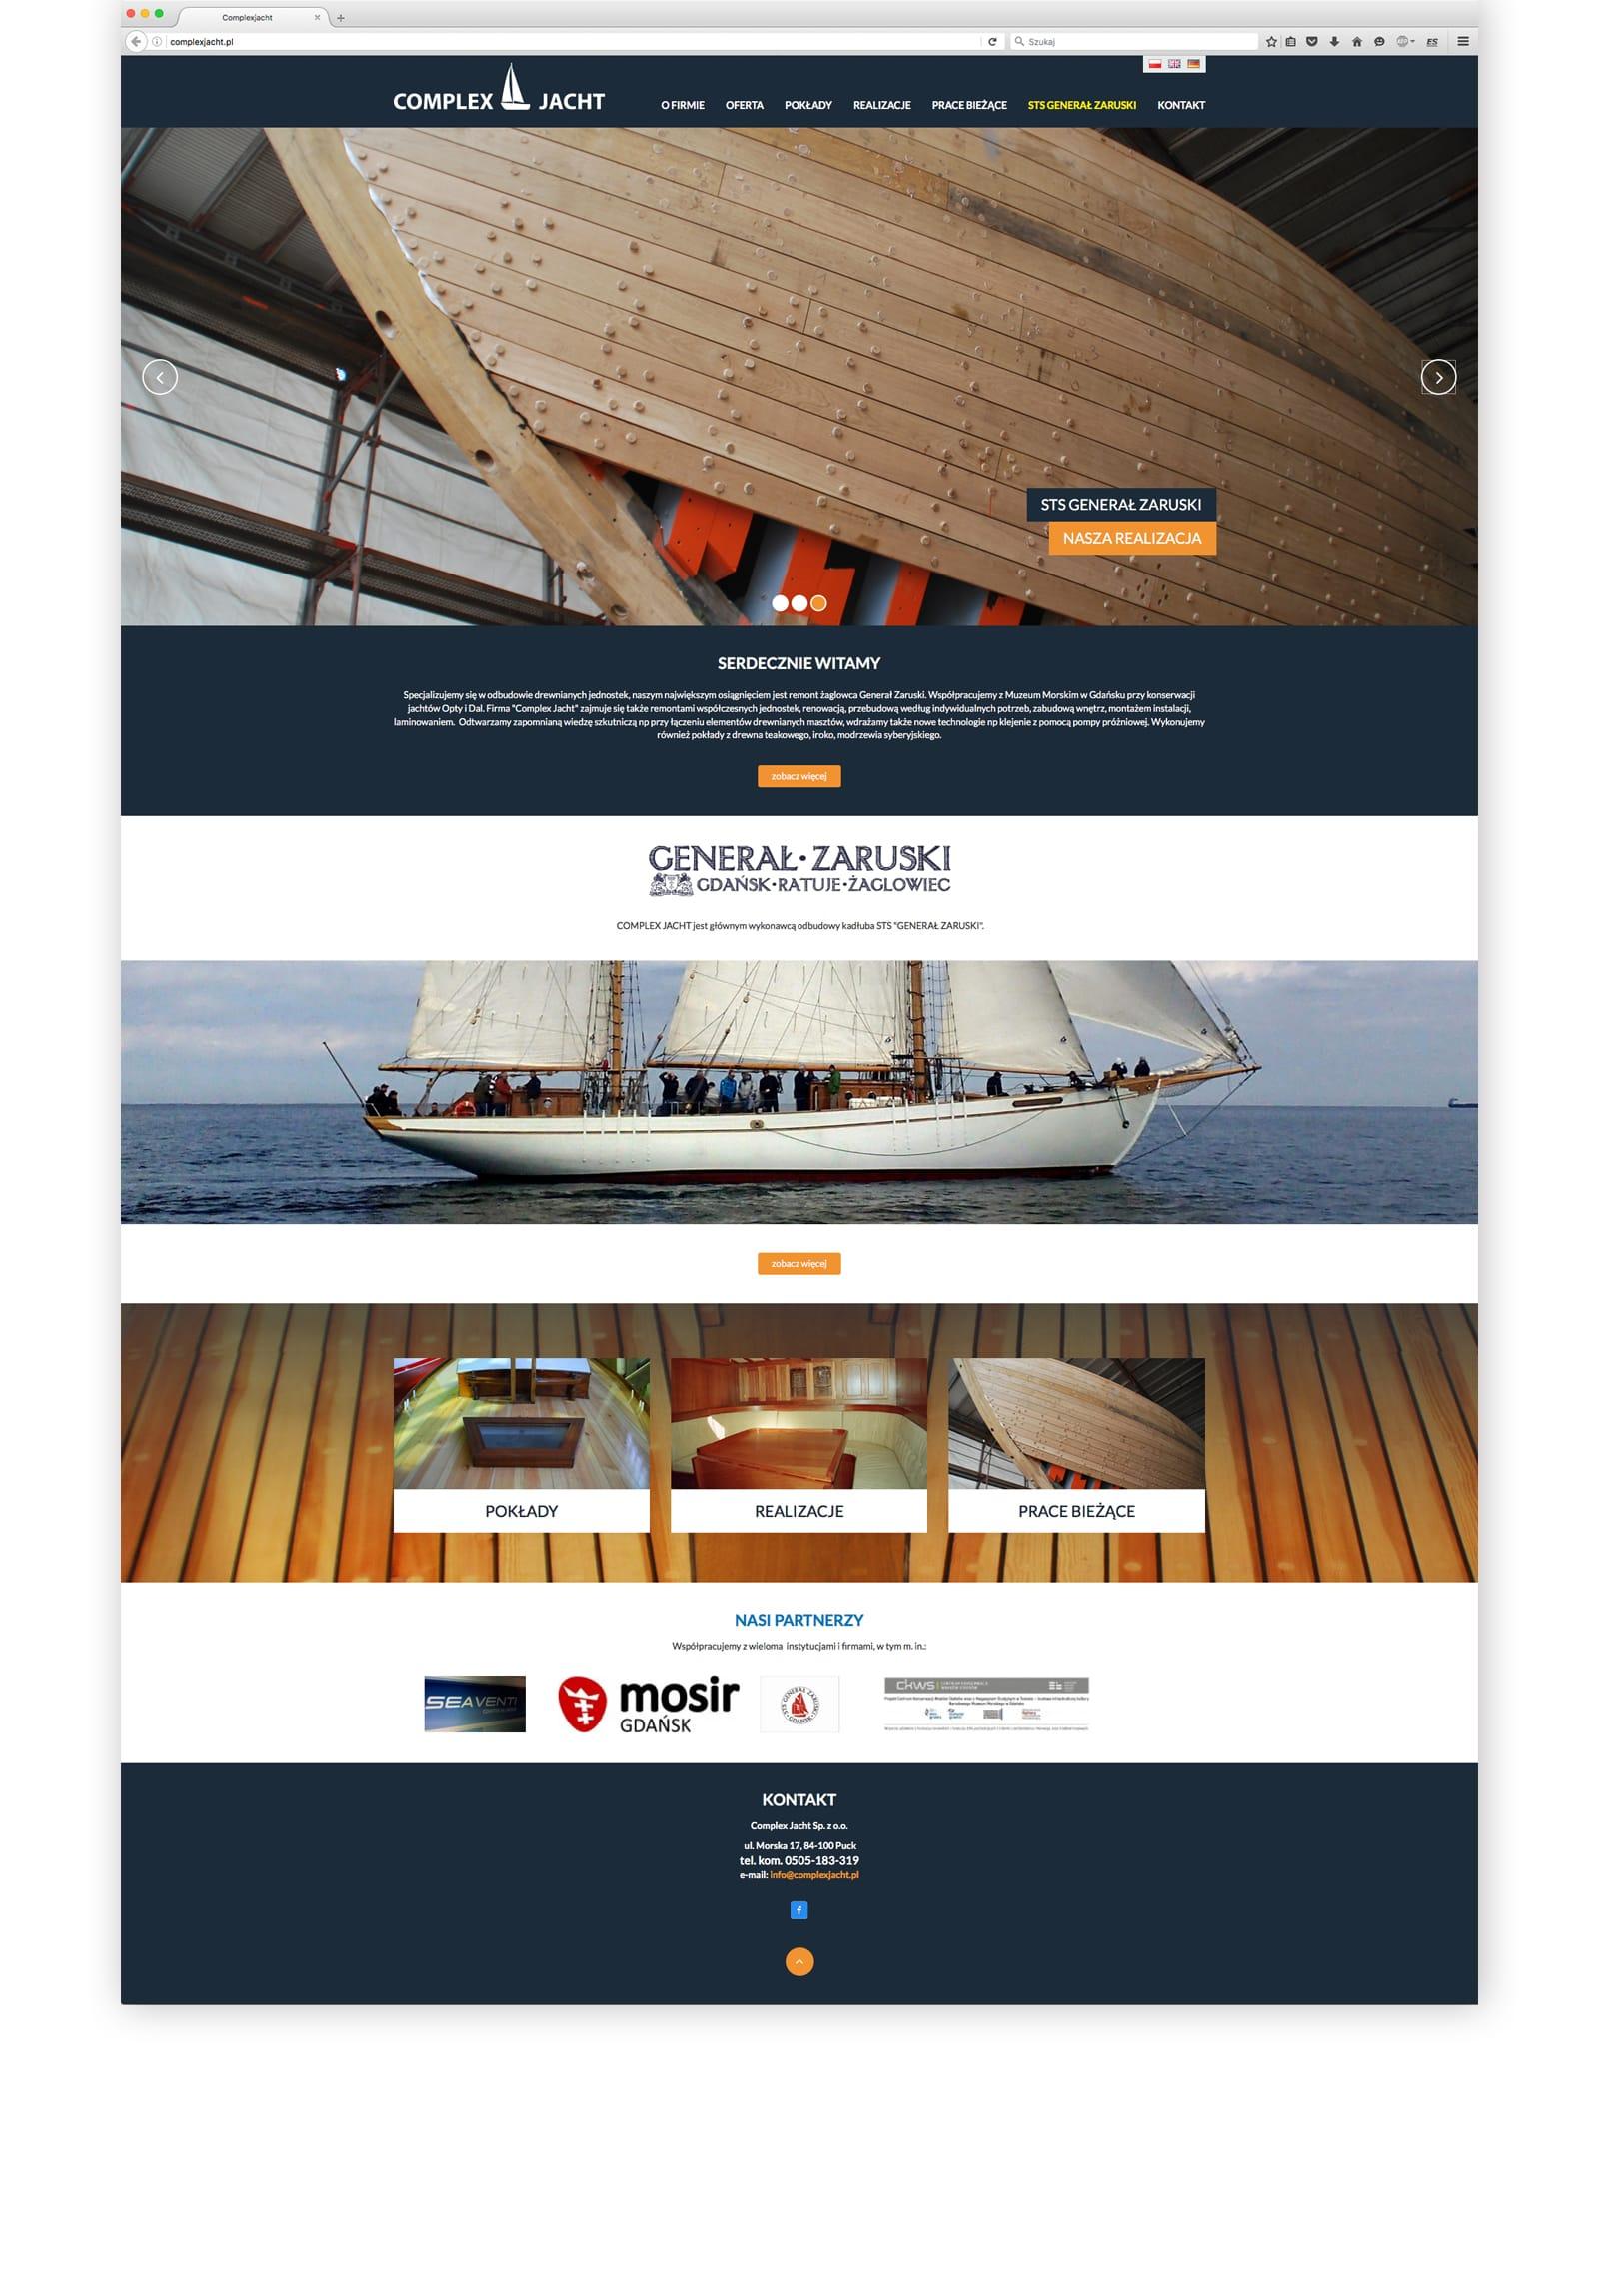 Complex Jacht strona internetowa